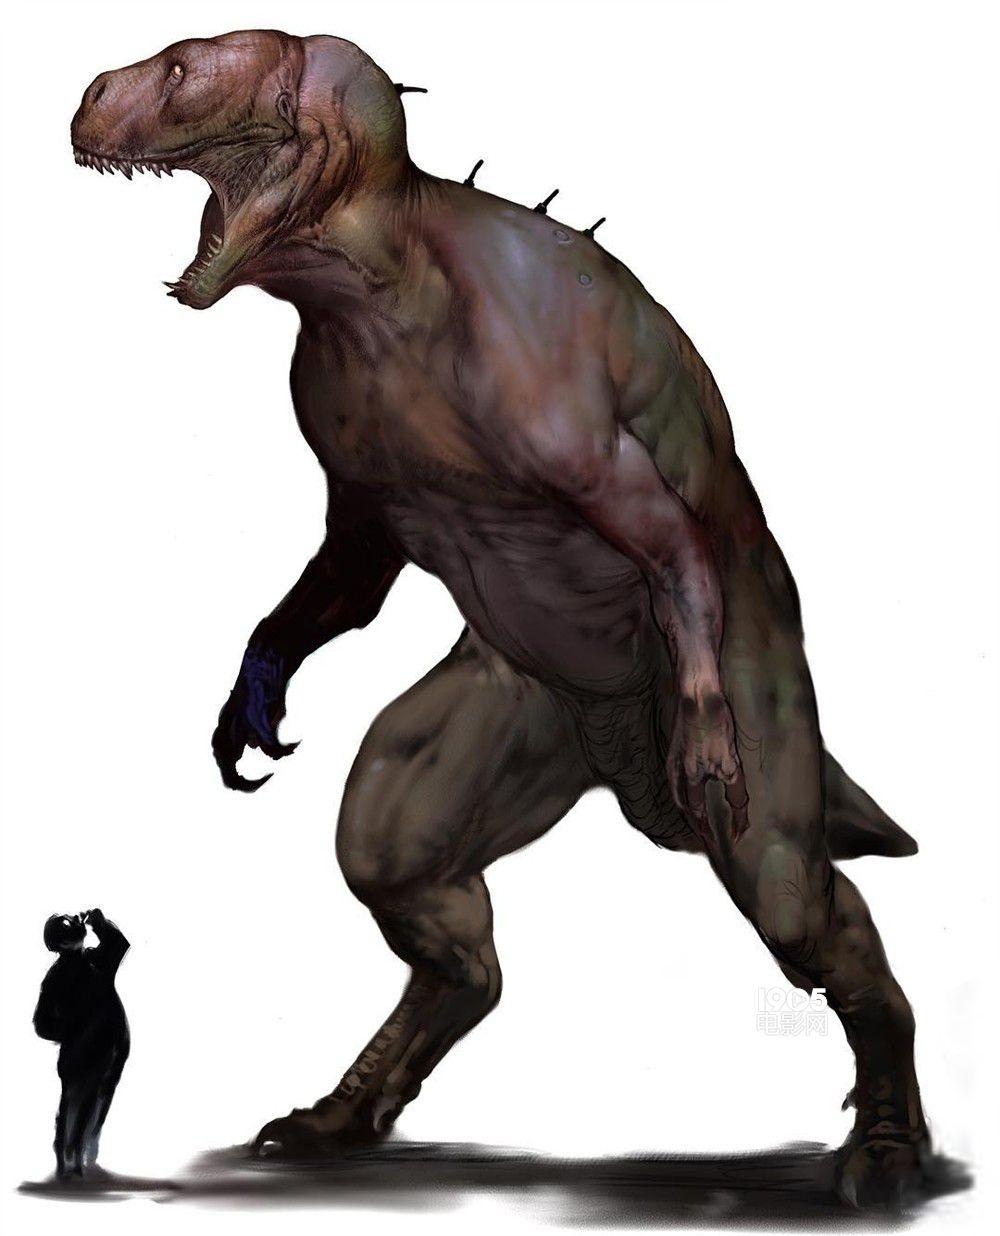 概念图中的怪兽像各种动物的结合体